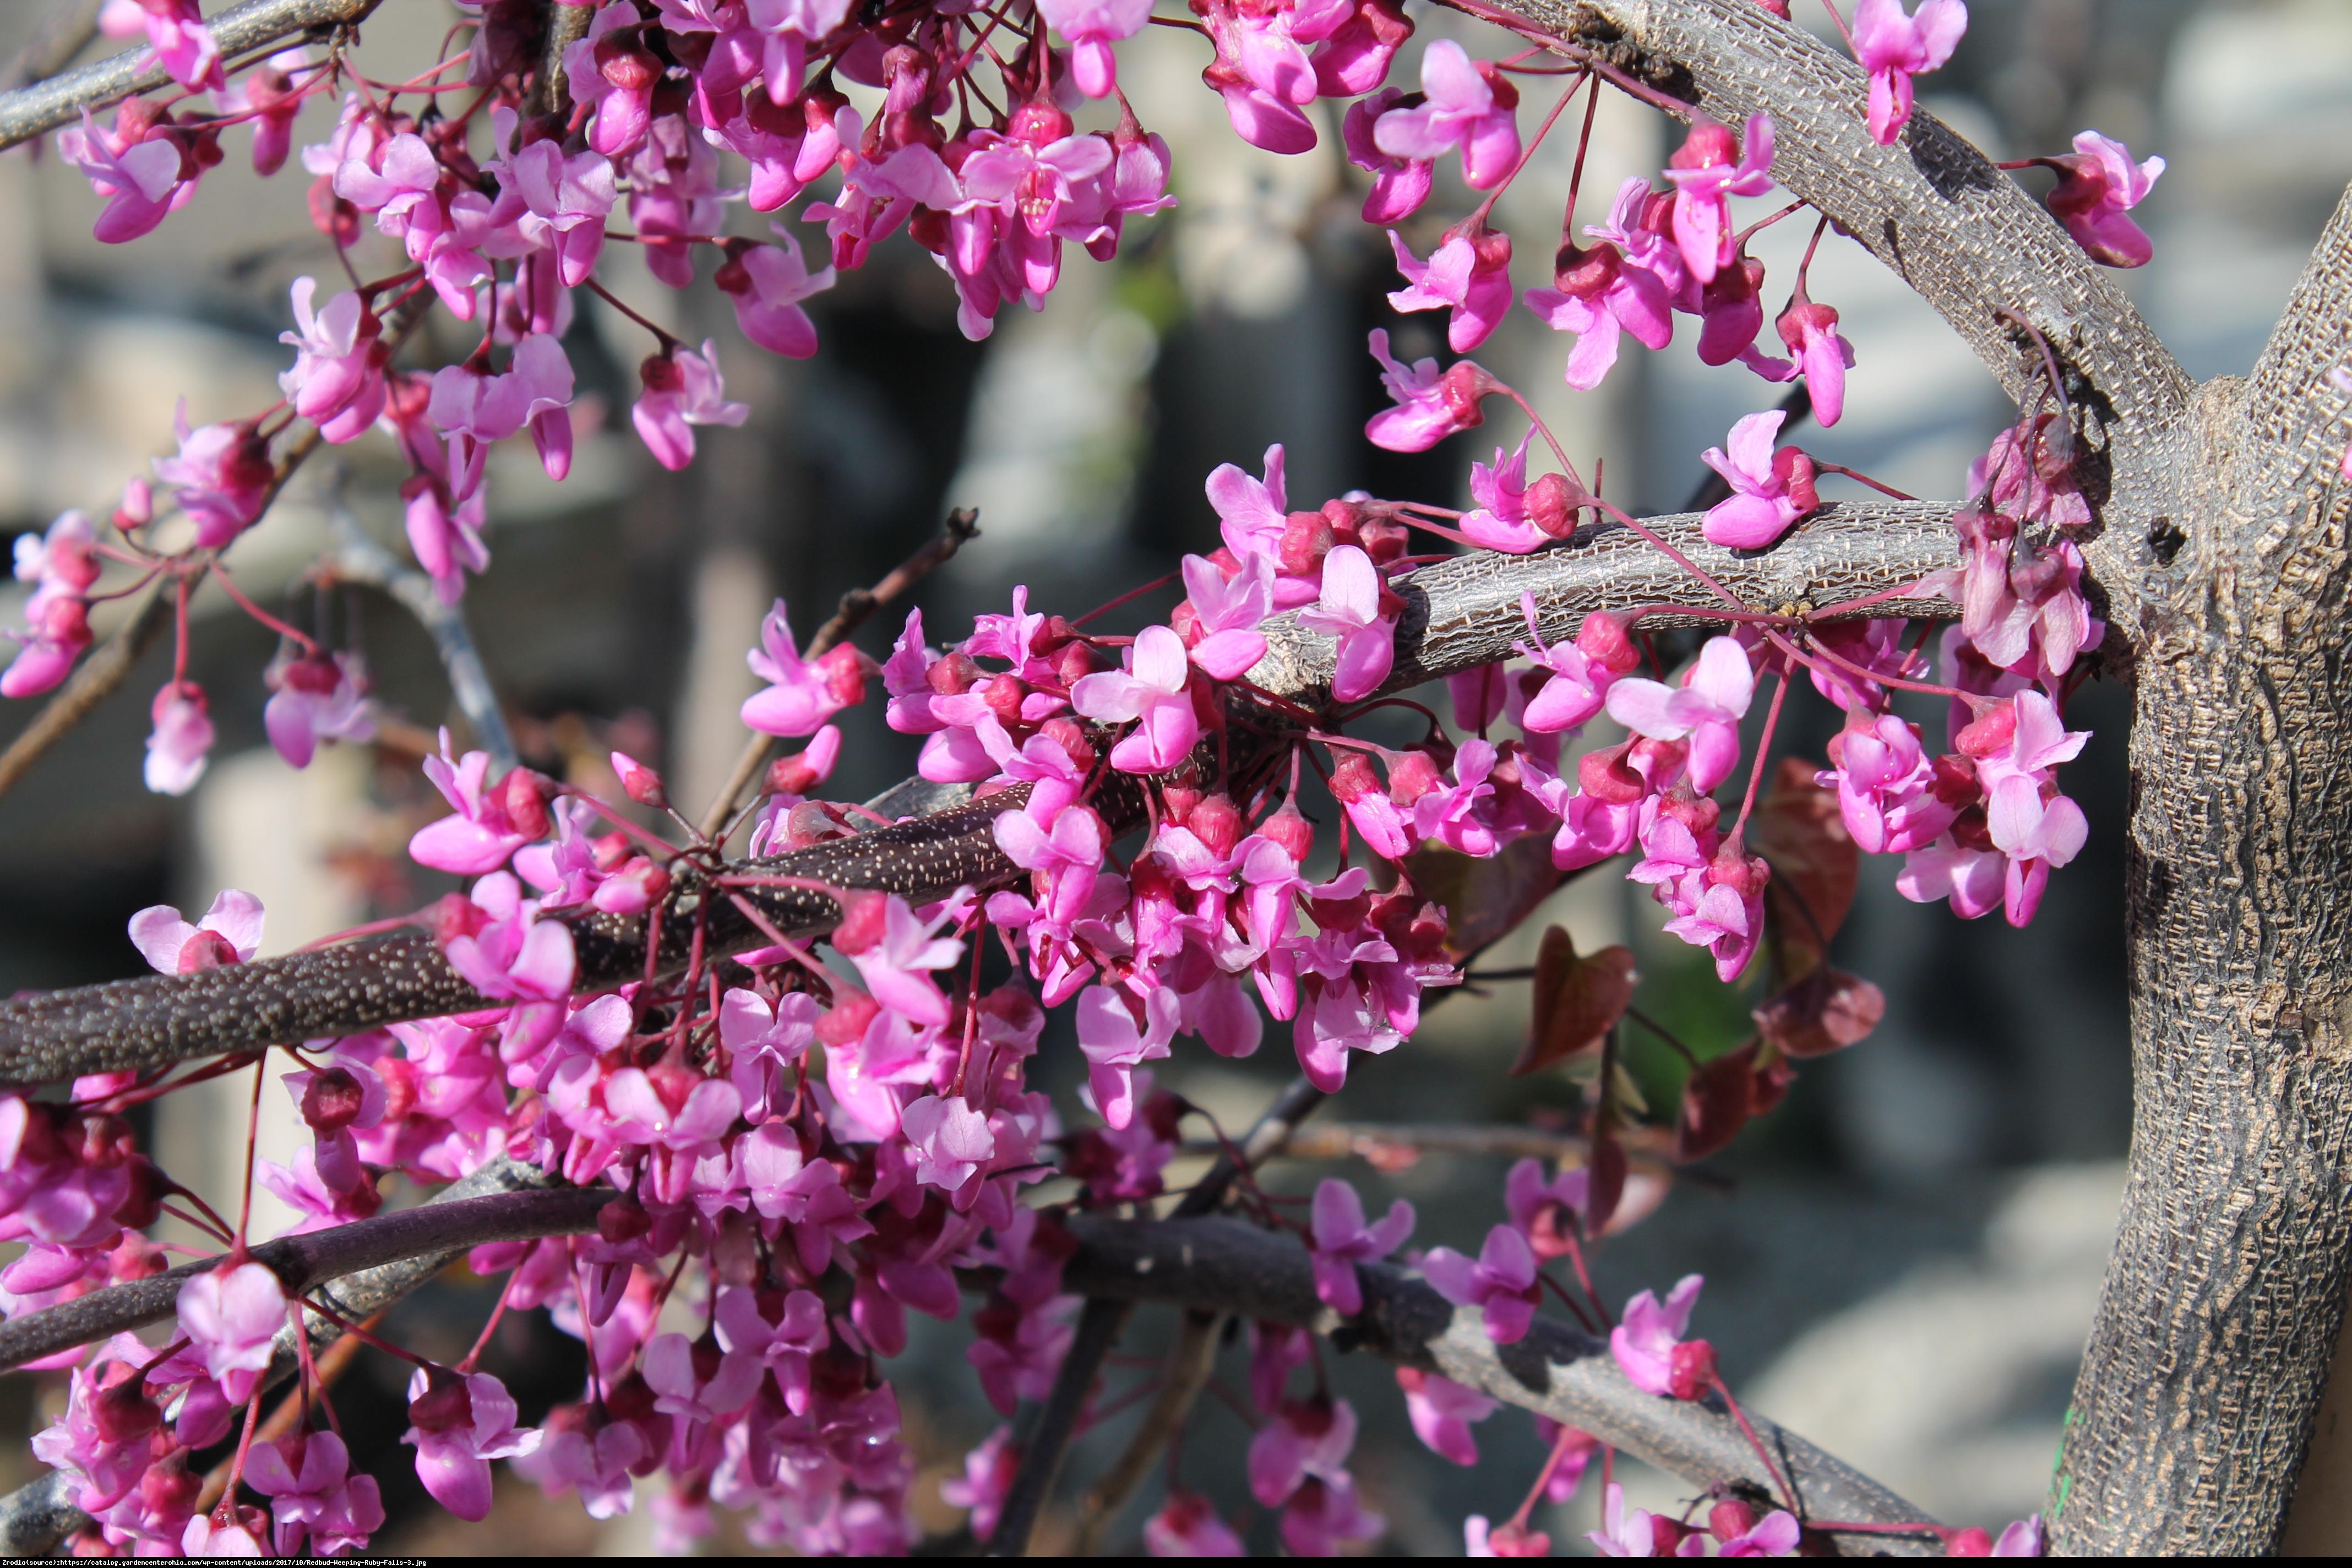 Judaszowiec kanadyjski Ruby Falls - Cercis canadensis Ruby Falls